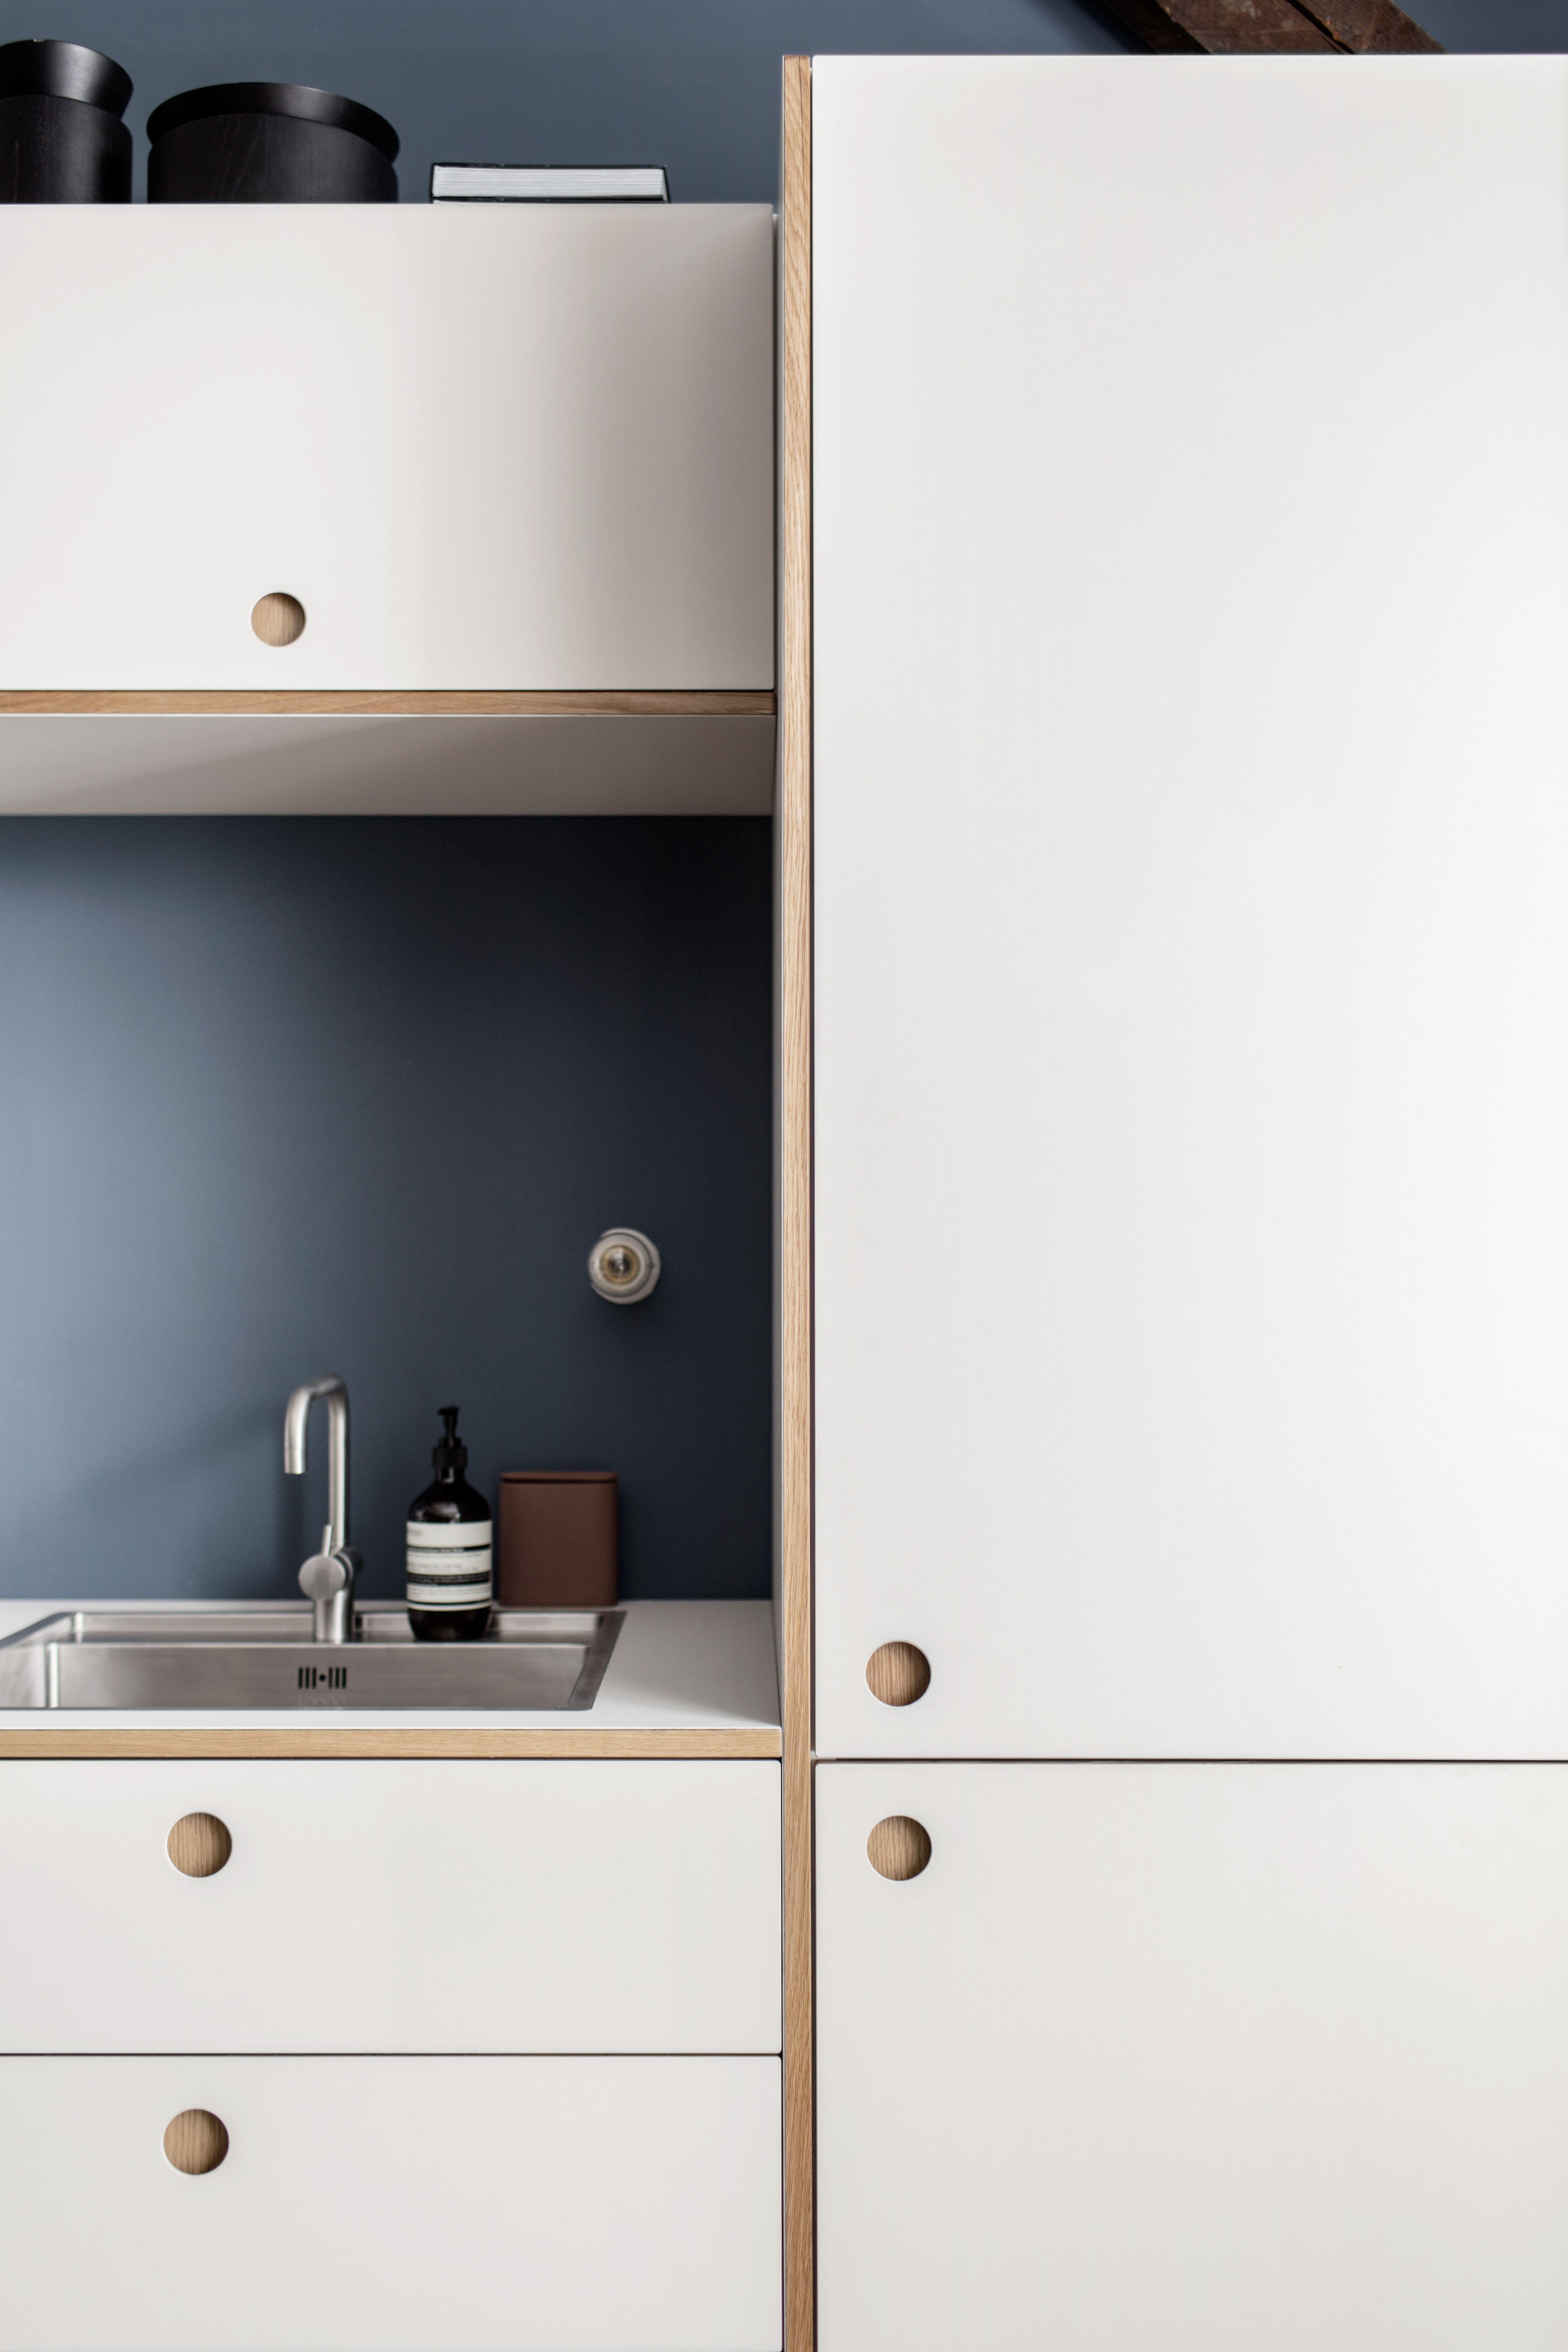 IKEA Online-Küchenplaner: 5 praktische Vorlagen für die 3D ...